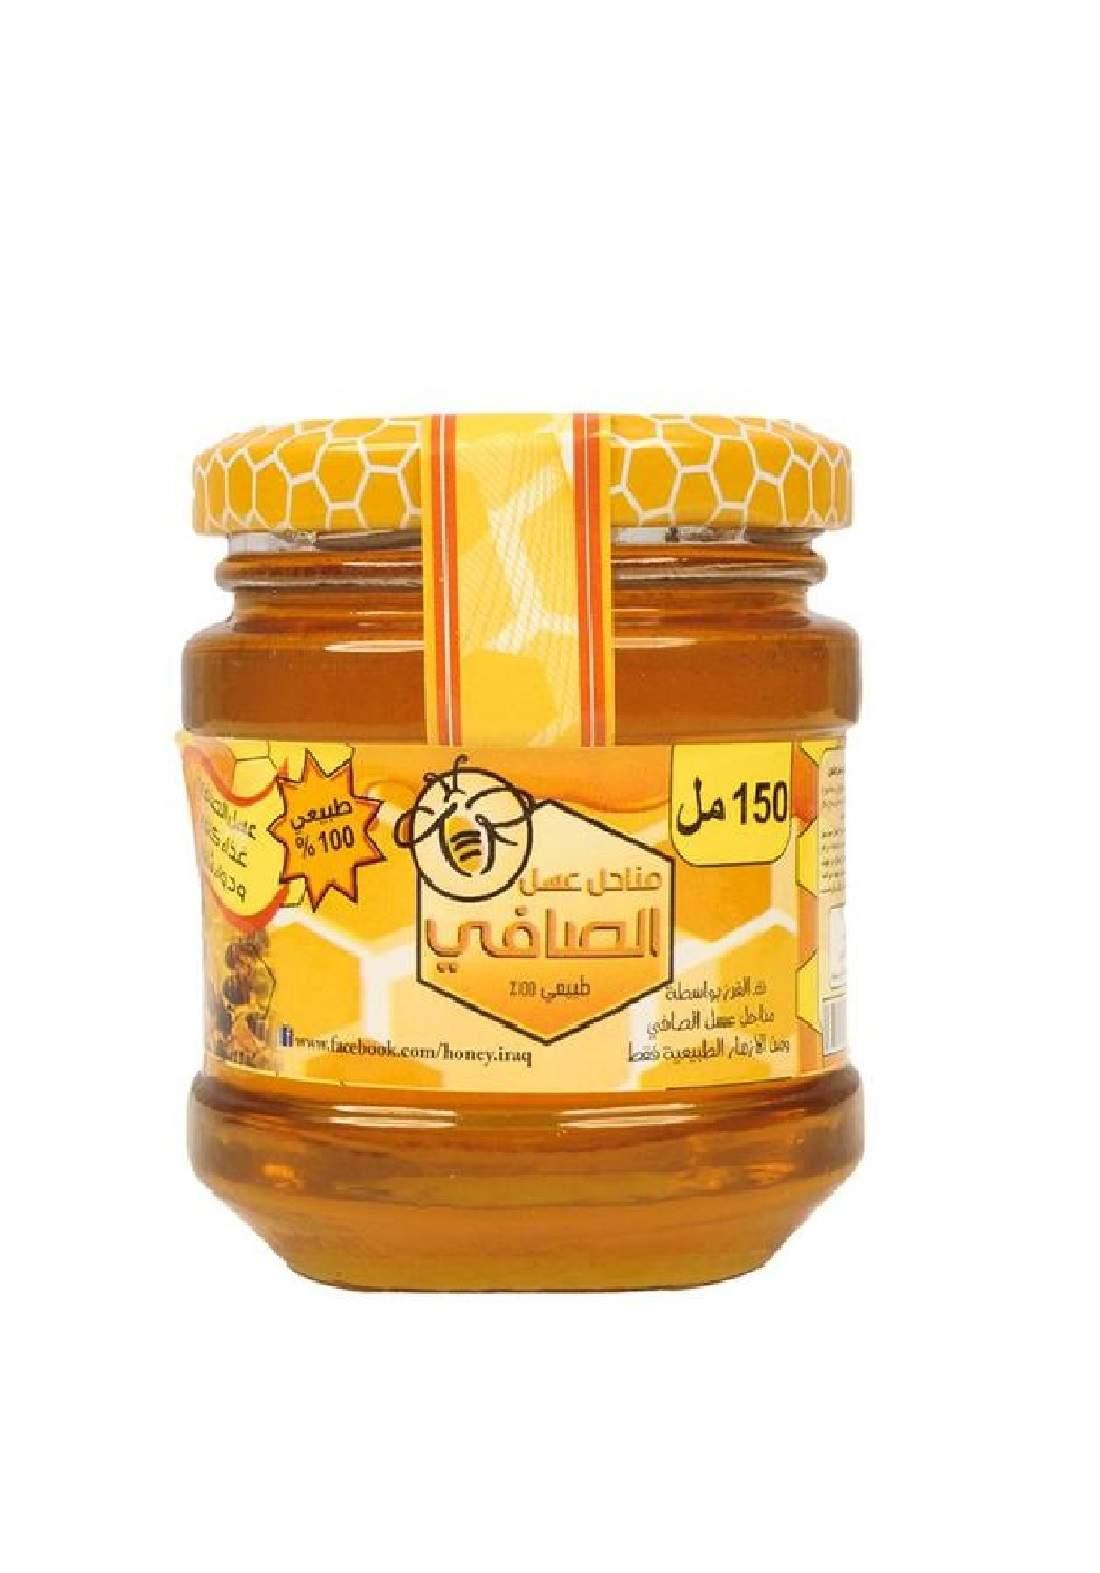 Al Safi Clover blossom Honey عسل زهرة البرسيم الطبيعي